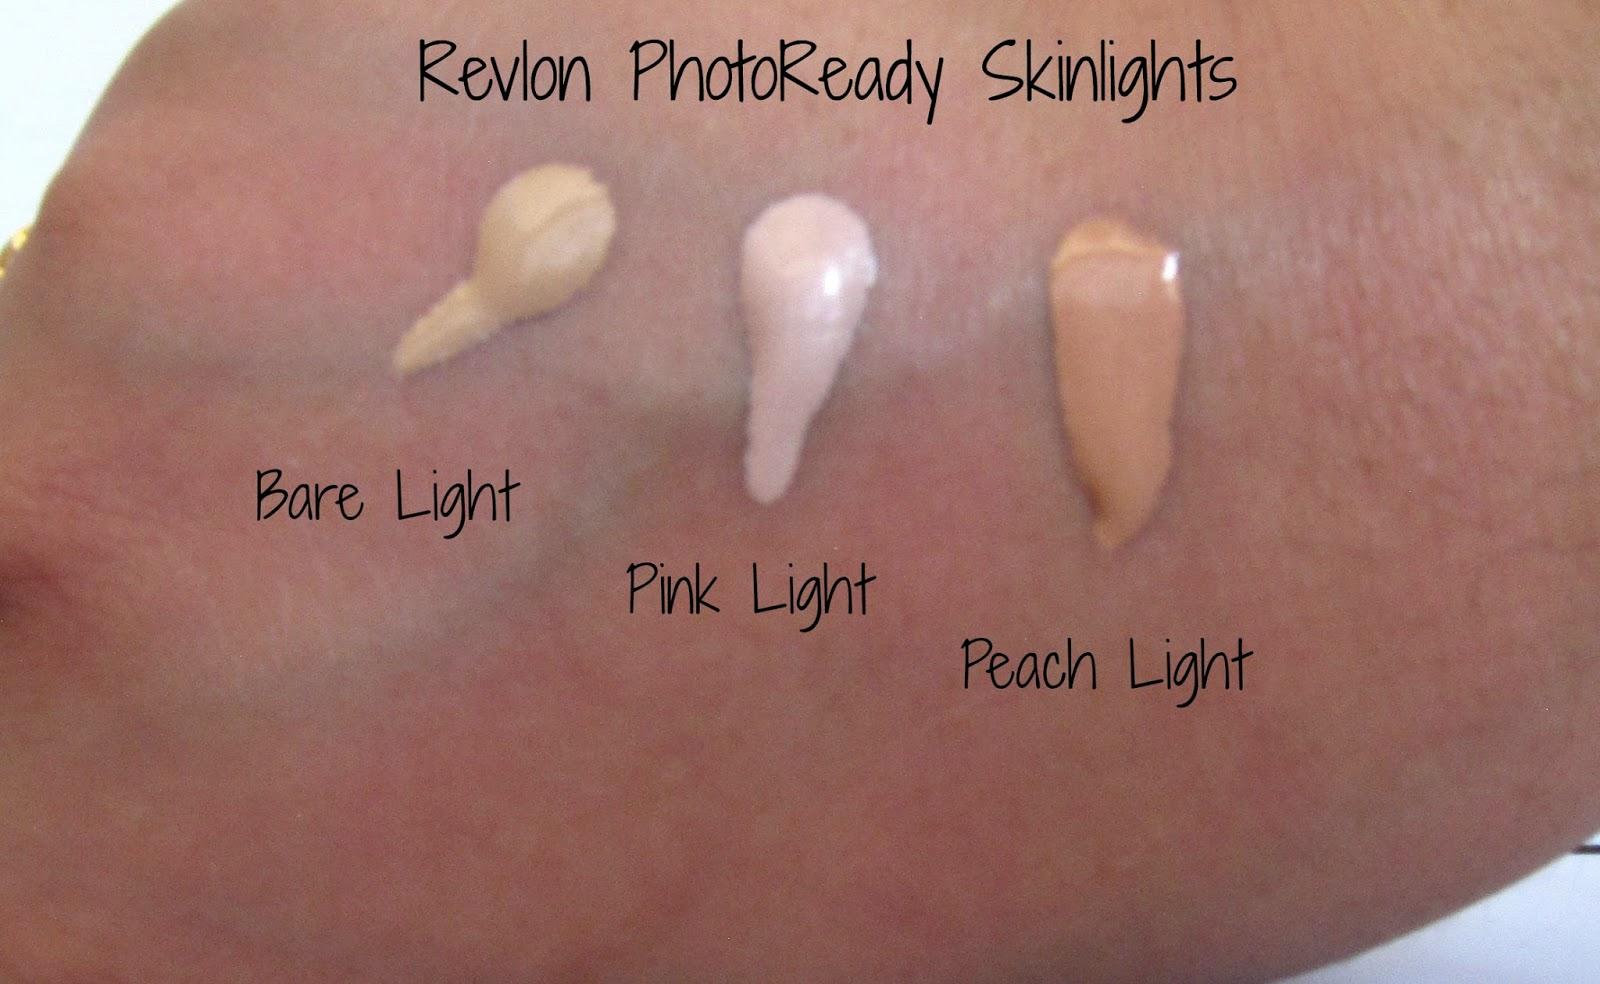 PhotoReady Skinlights Face Illuminator by Revlon #13